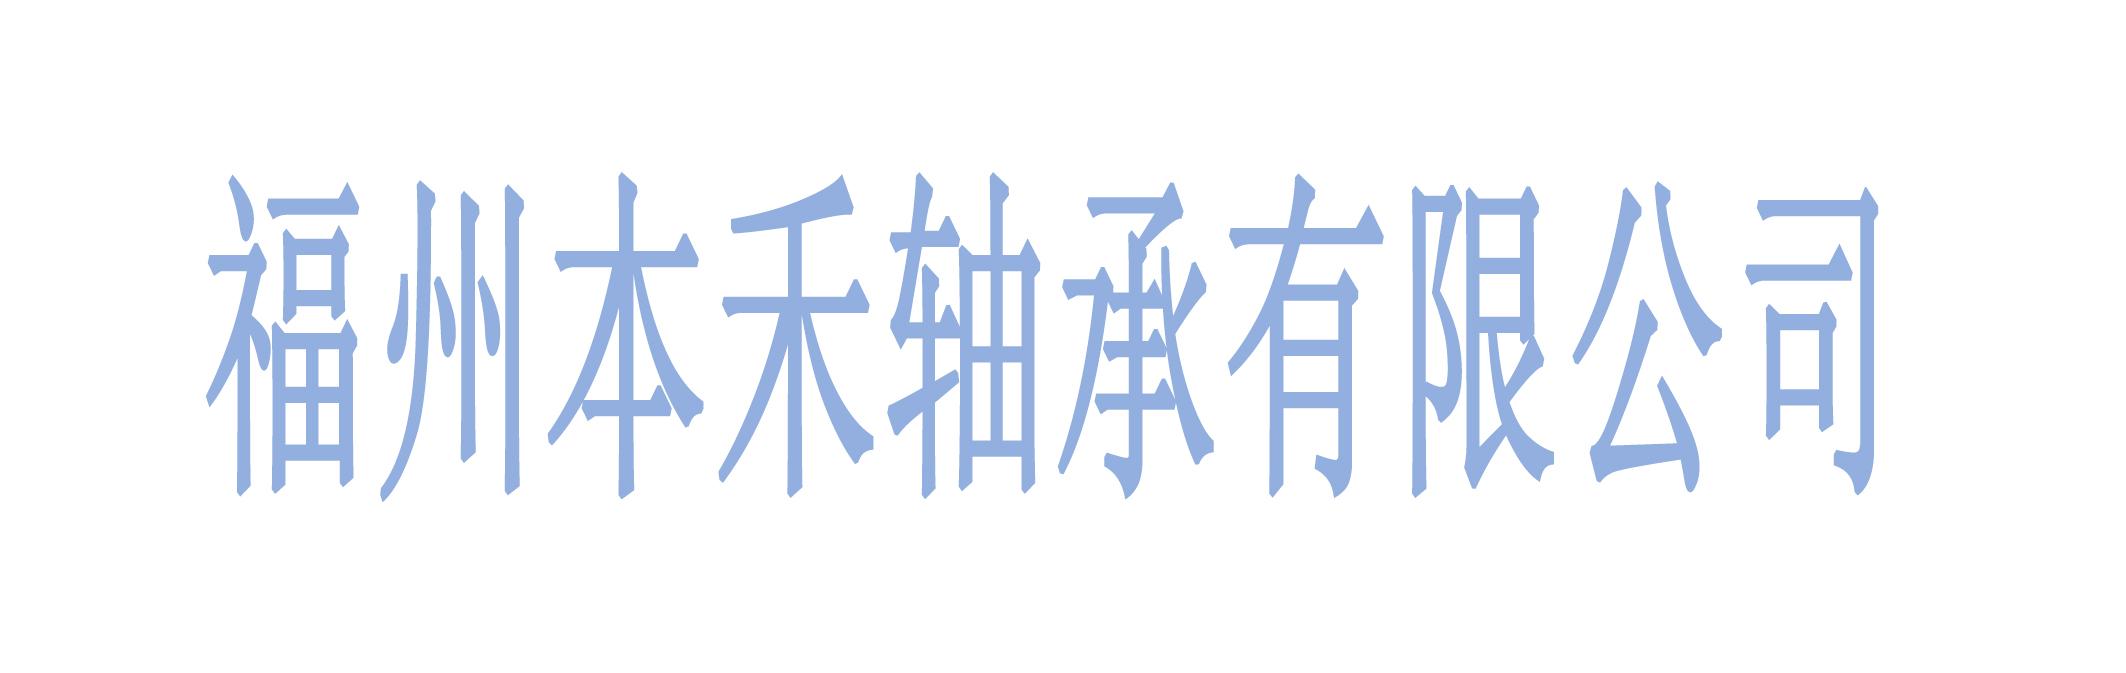 福州本禾轴承bte365备用网站_bte365网站可靠吗_bte365会员